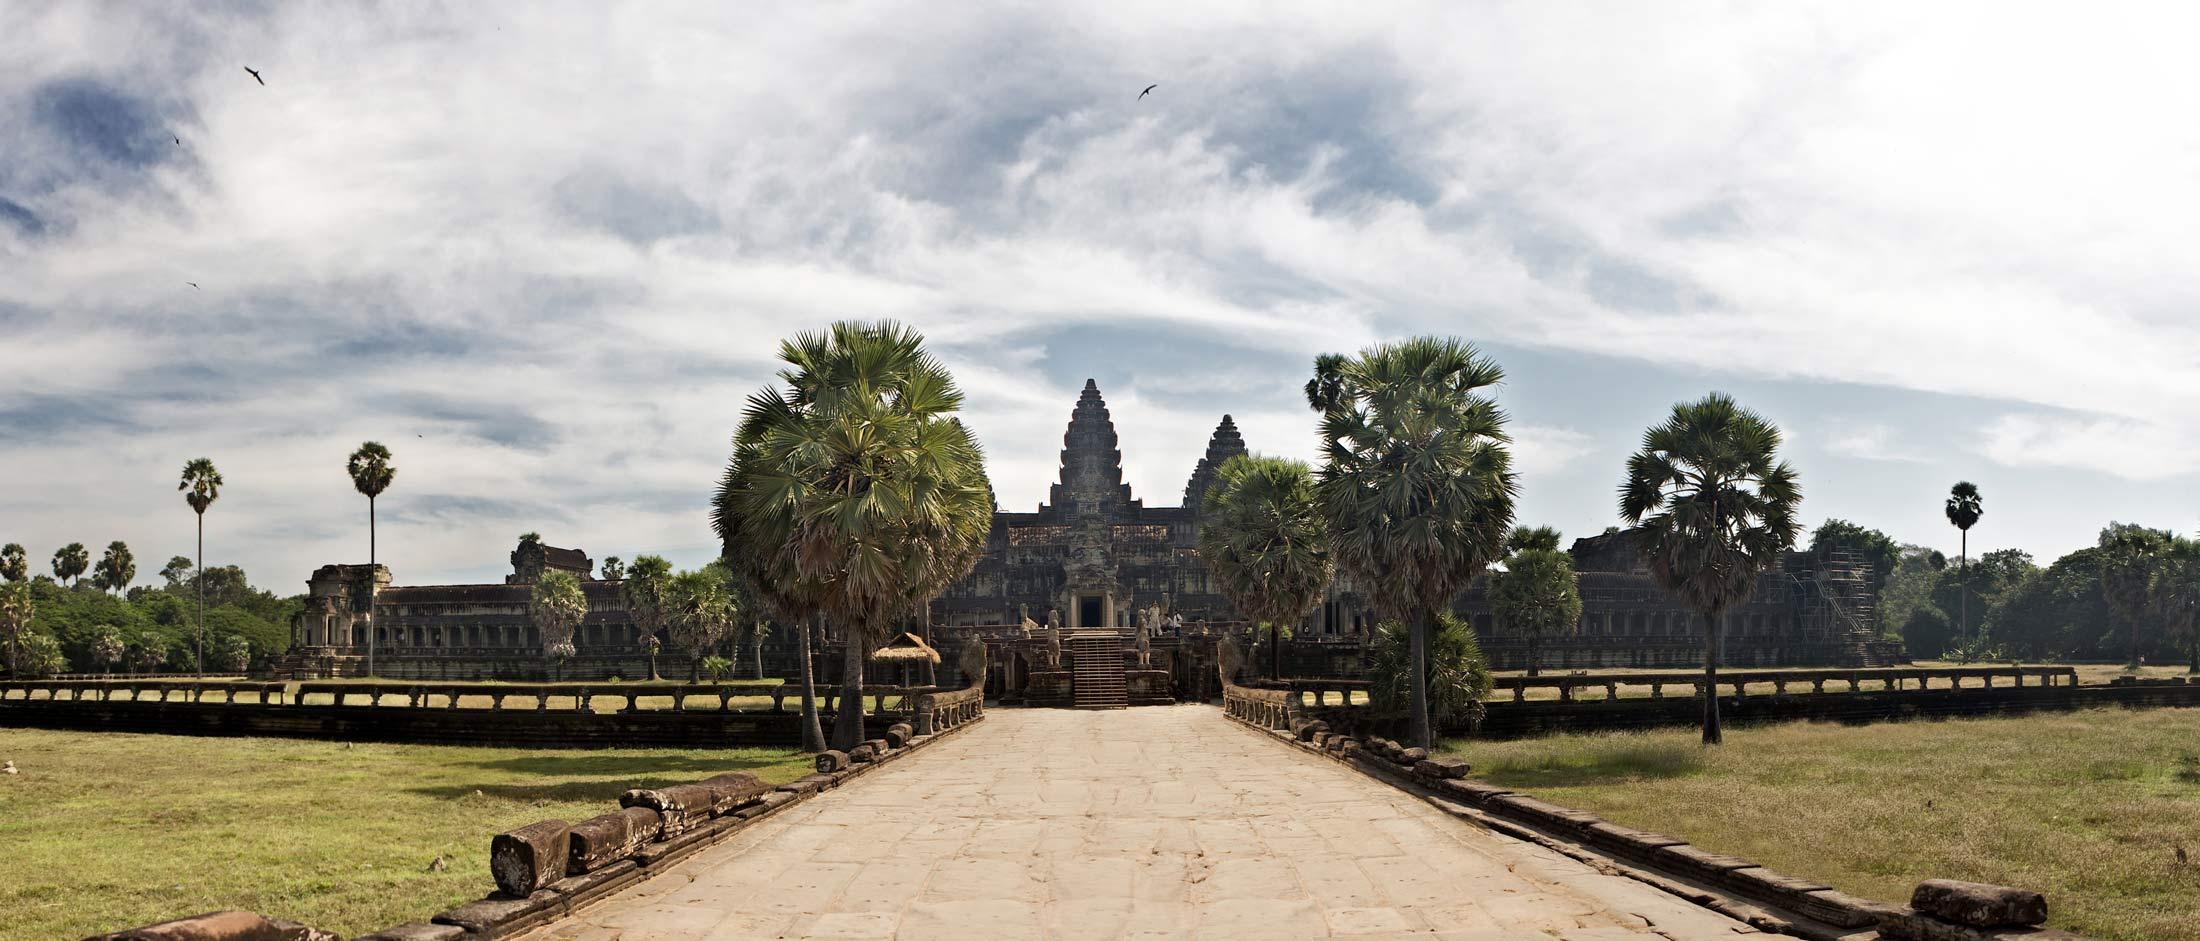 Angkor-wat-B